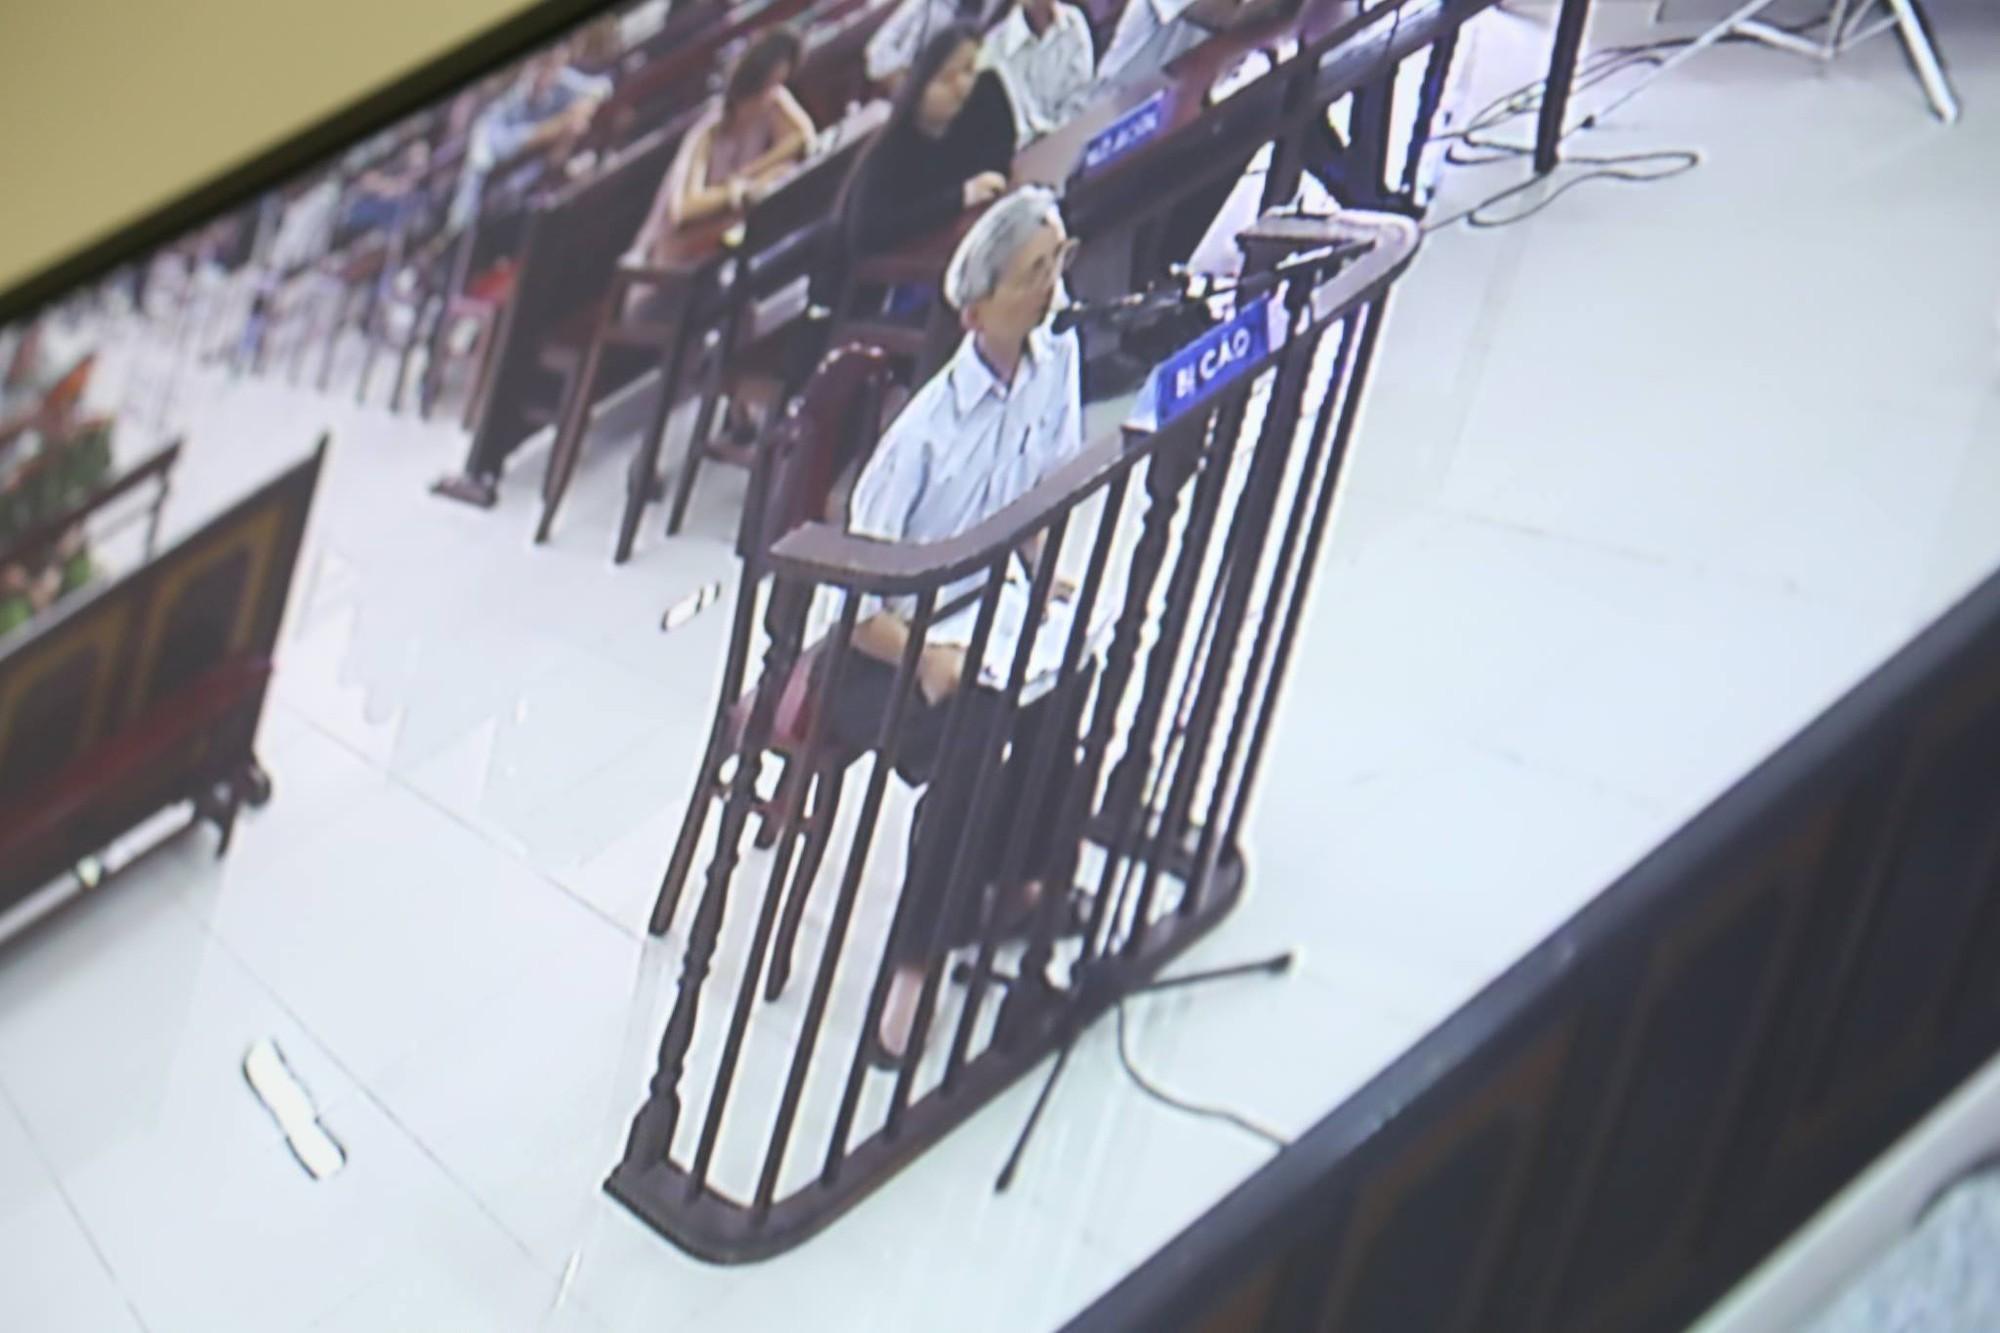 Tòa tuyên án 3 năm tù về tội Dâm ô đối với trẻ em, bị cáo 77 tuổi hét lớn: Tôi phản đối! - Ảnh 5.